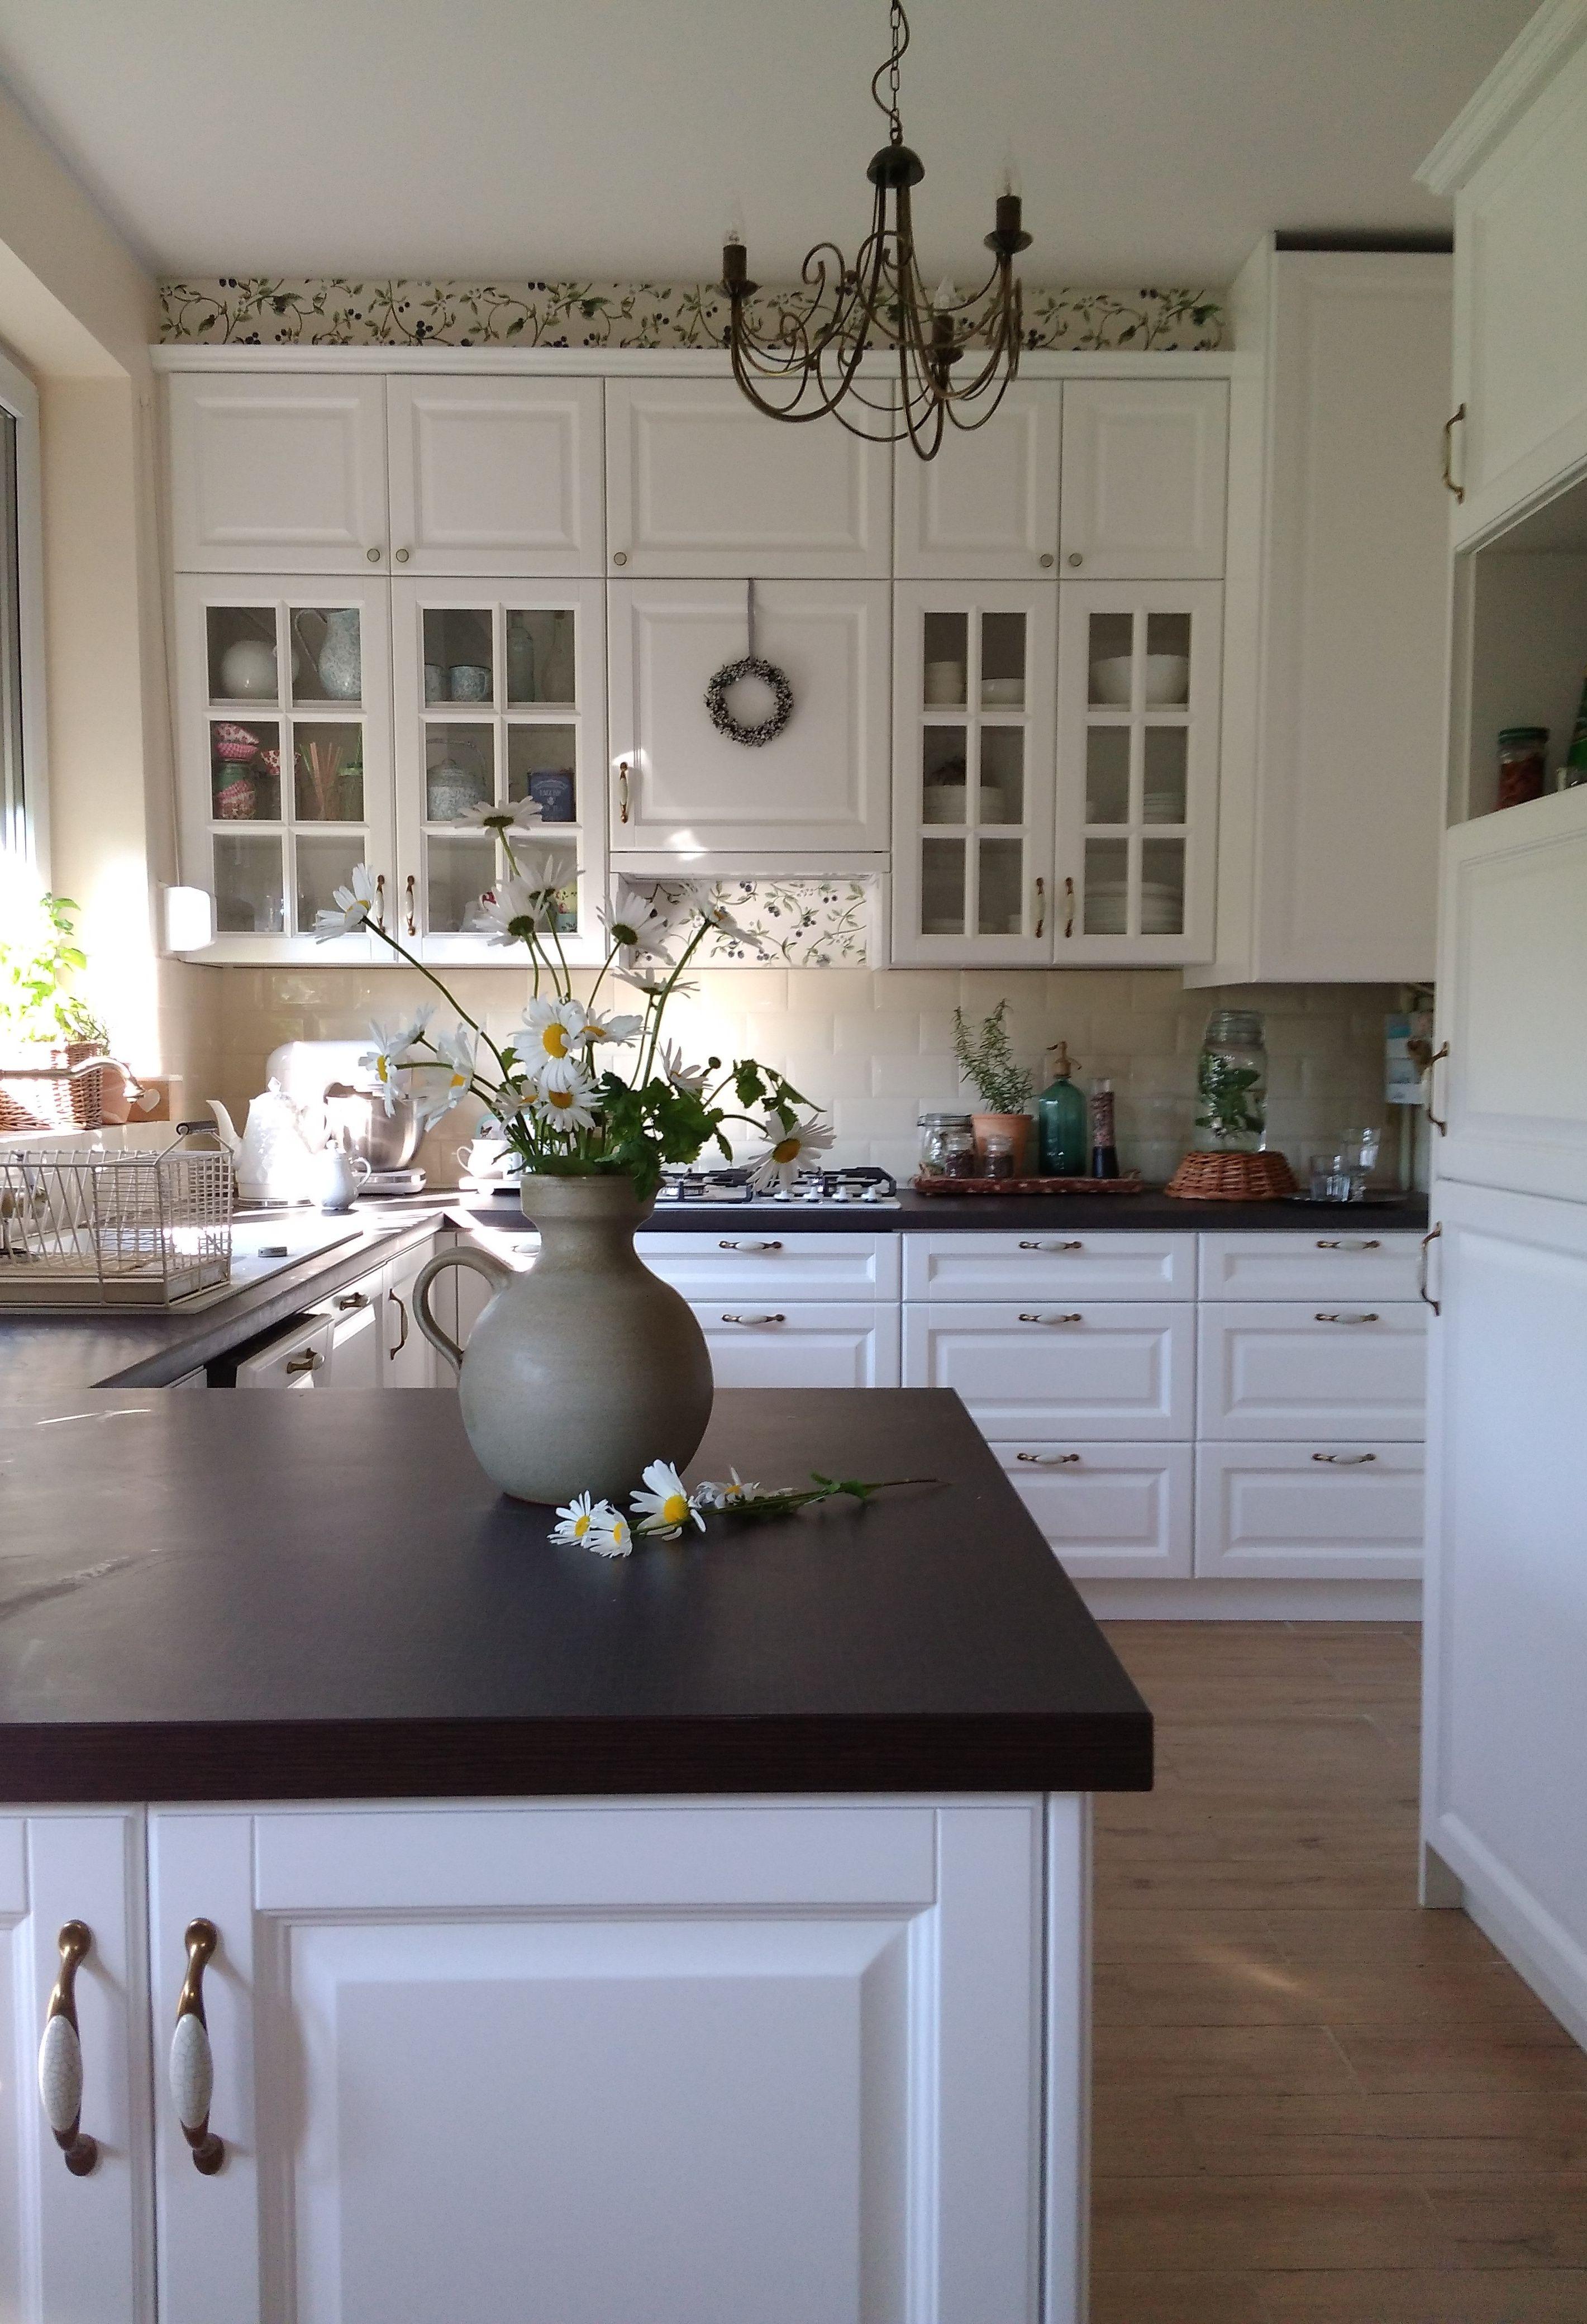 Kuchnia Angielska Beautiful Kitchens Kitchen Home Decor